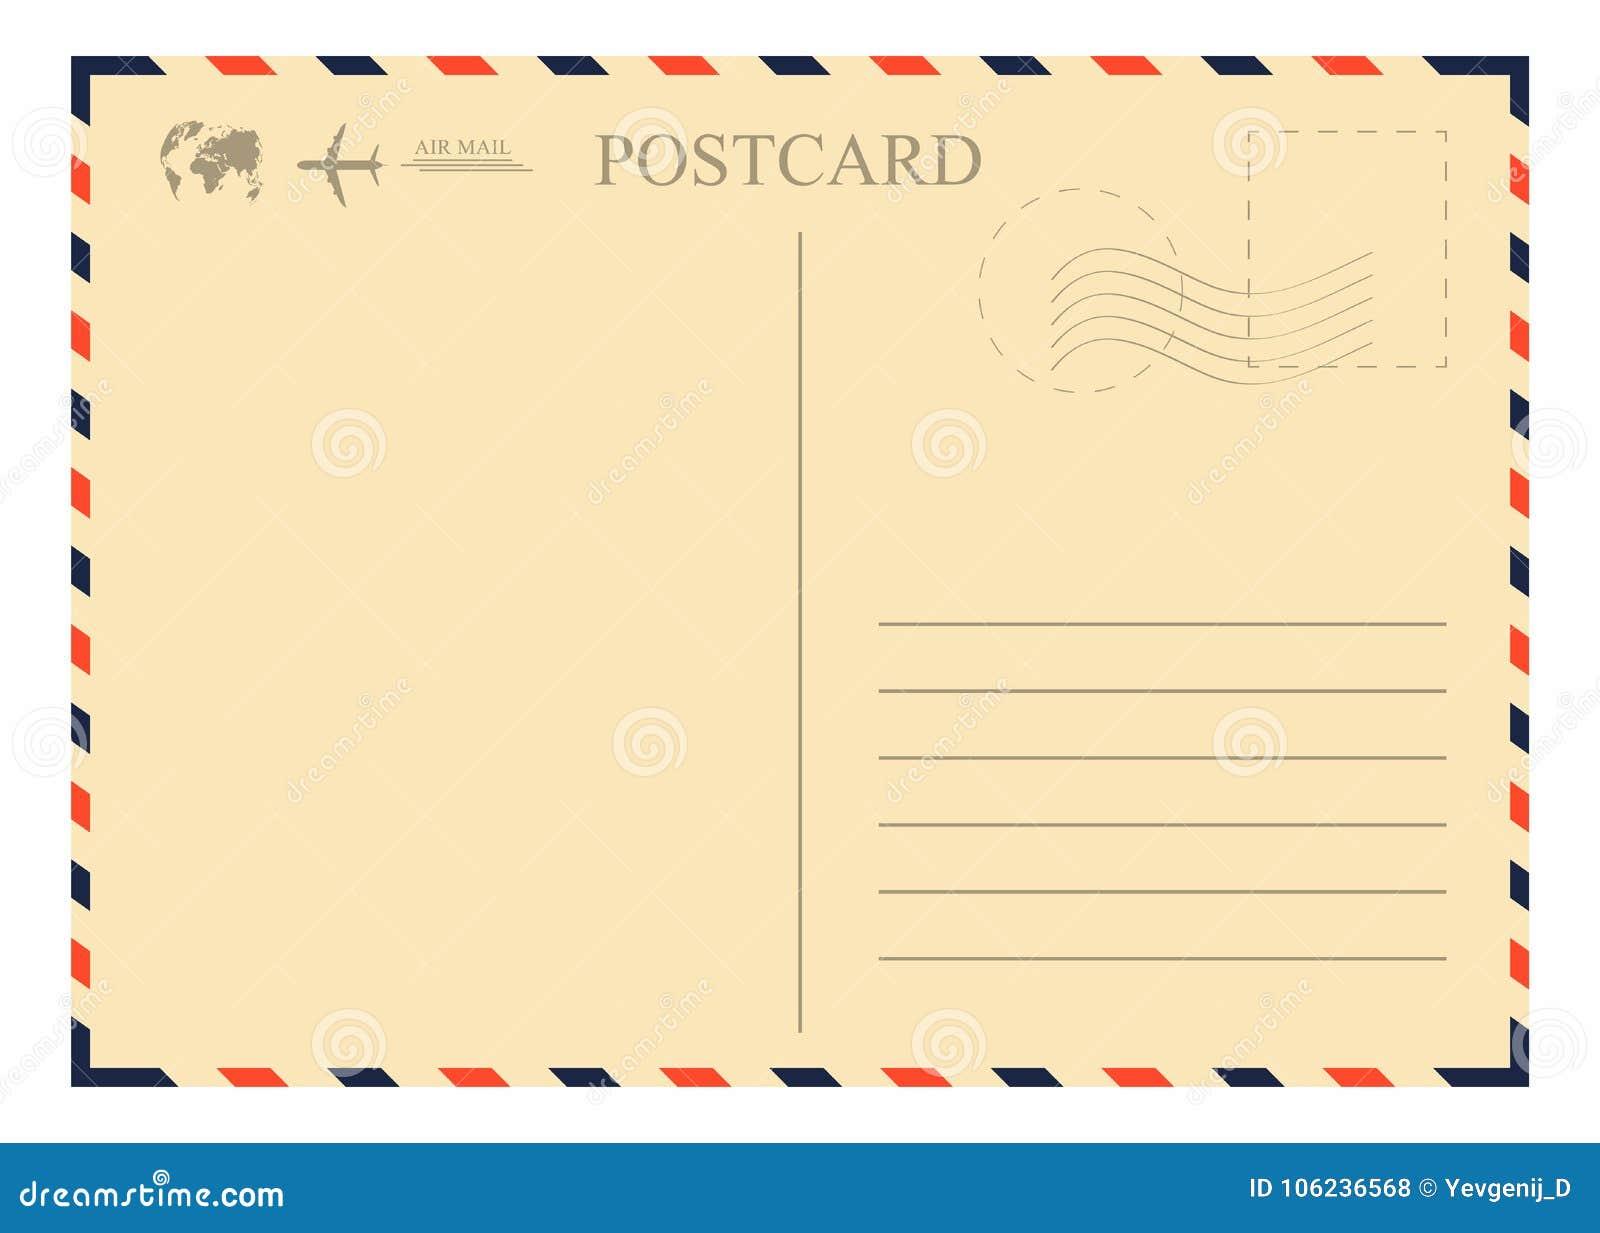 葡萄酒明信片模板 与邮票、飞机和地球的减速火箭的航寄信封